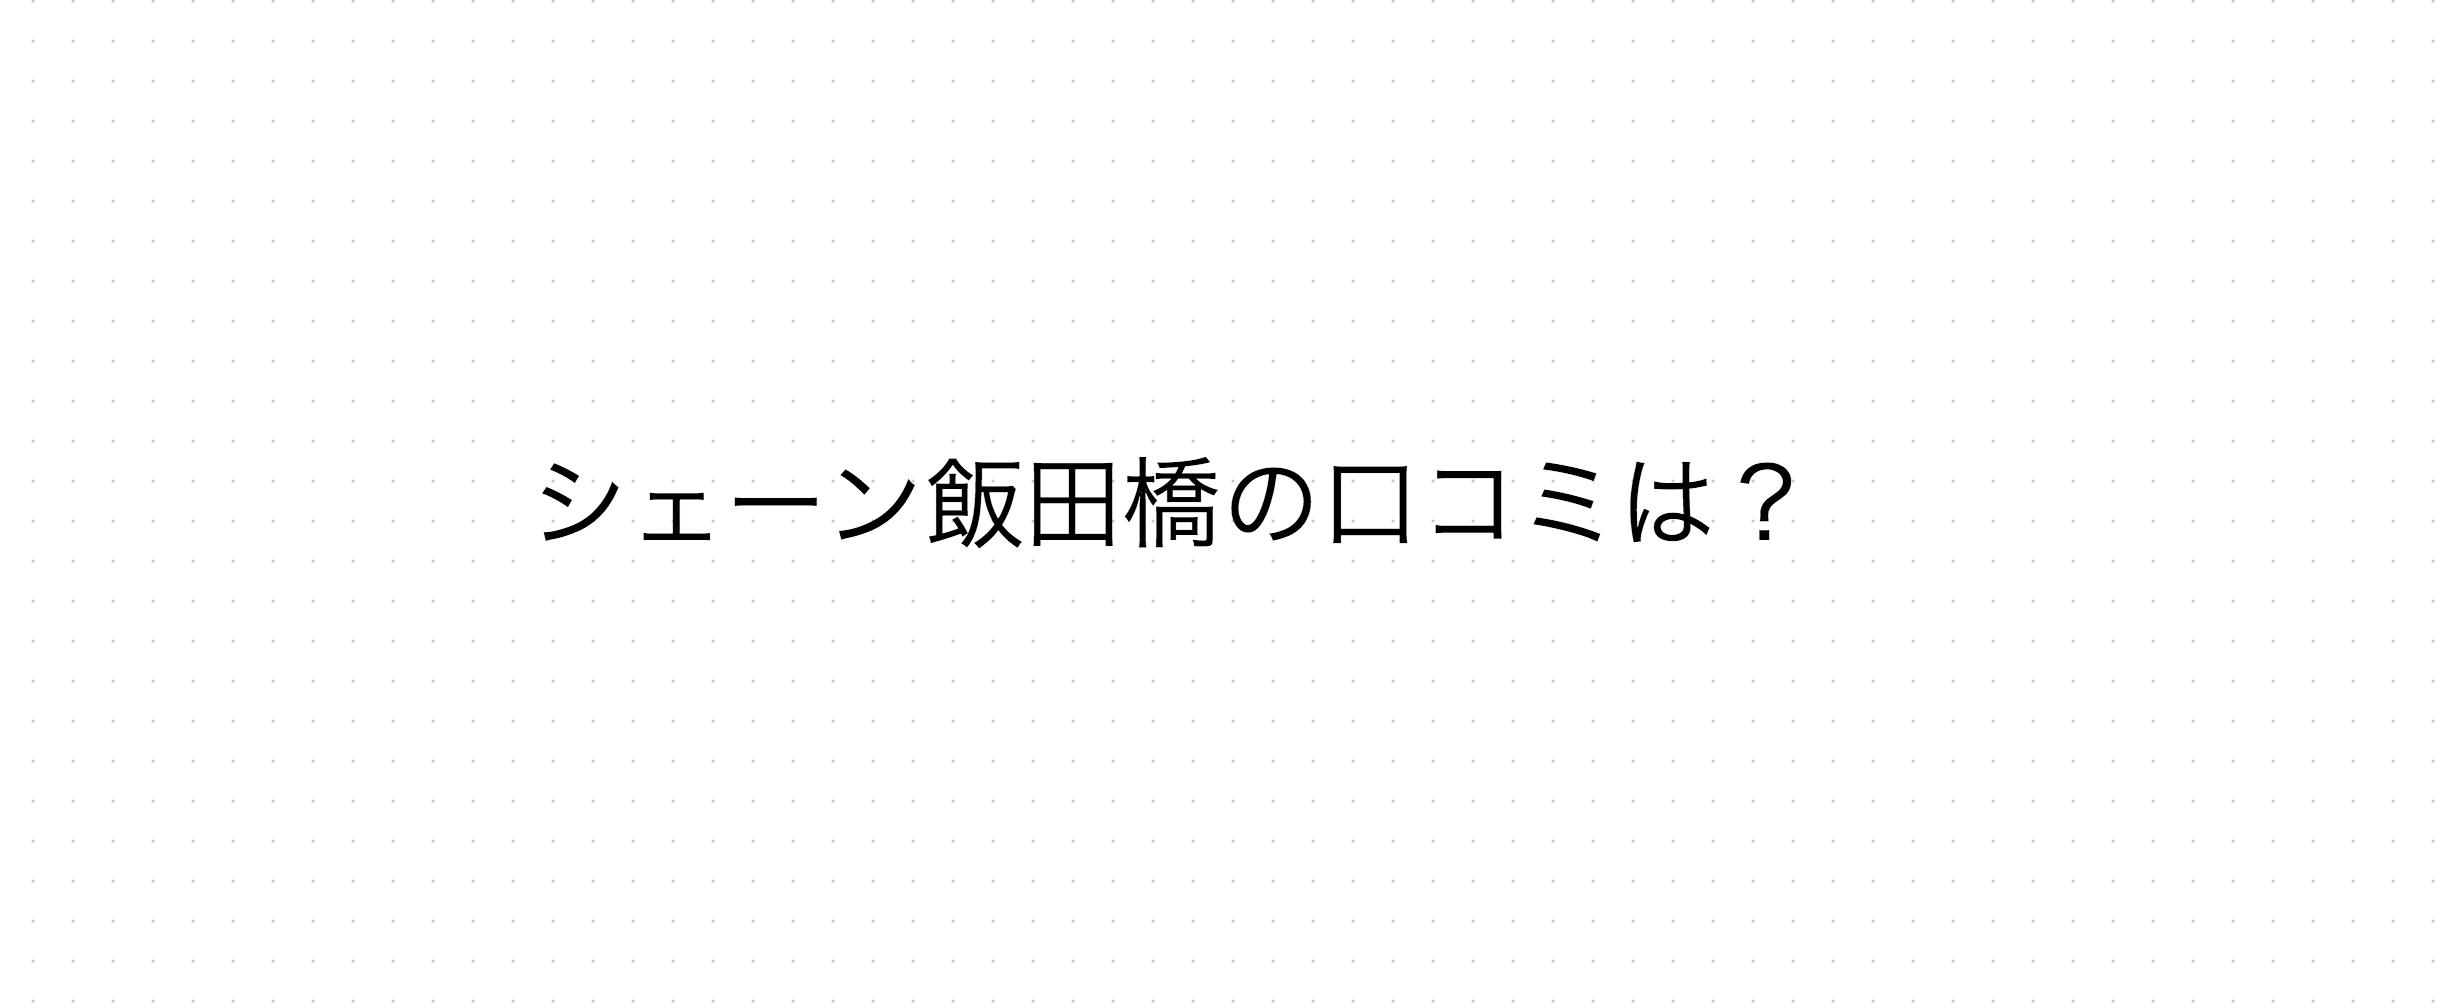 【徹底調査!】シェーン英会話の飯田橋校口コミや評判は?